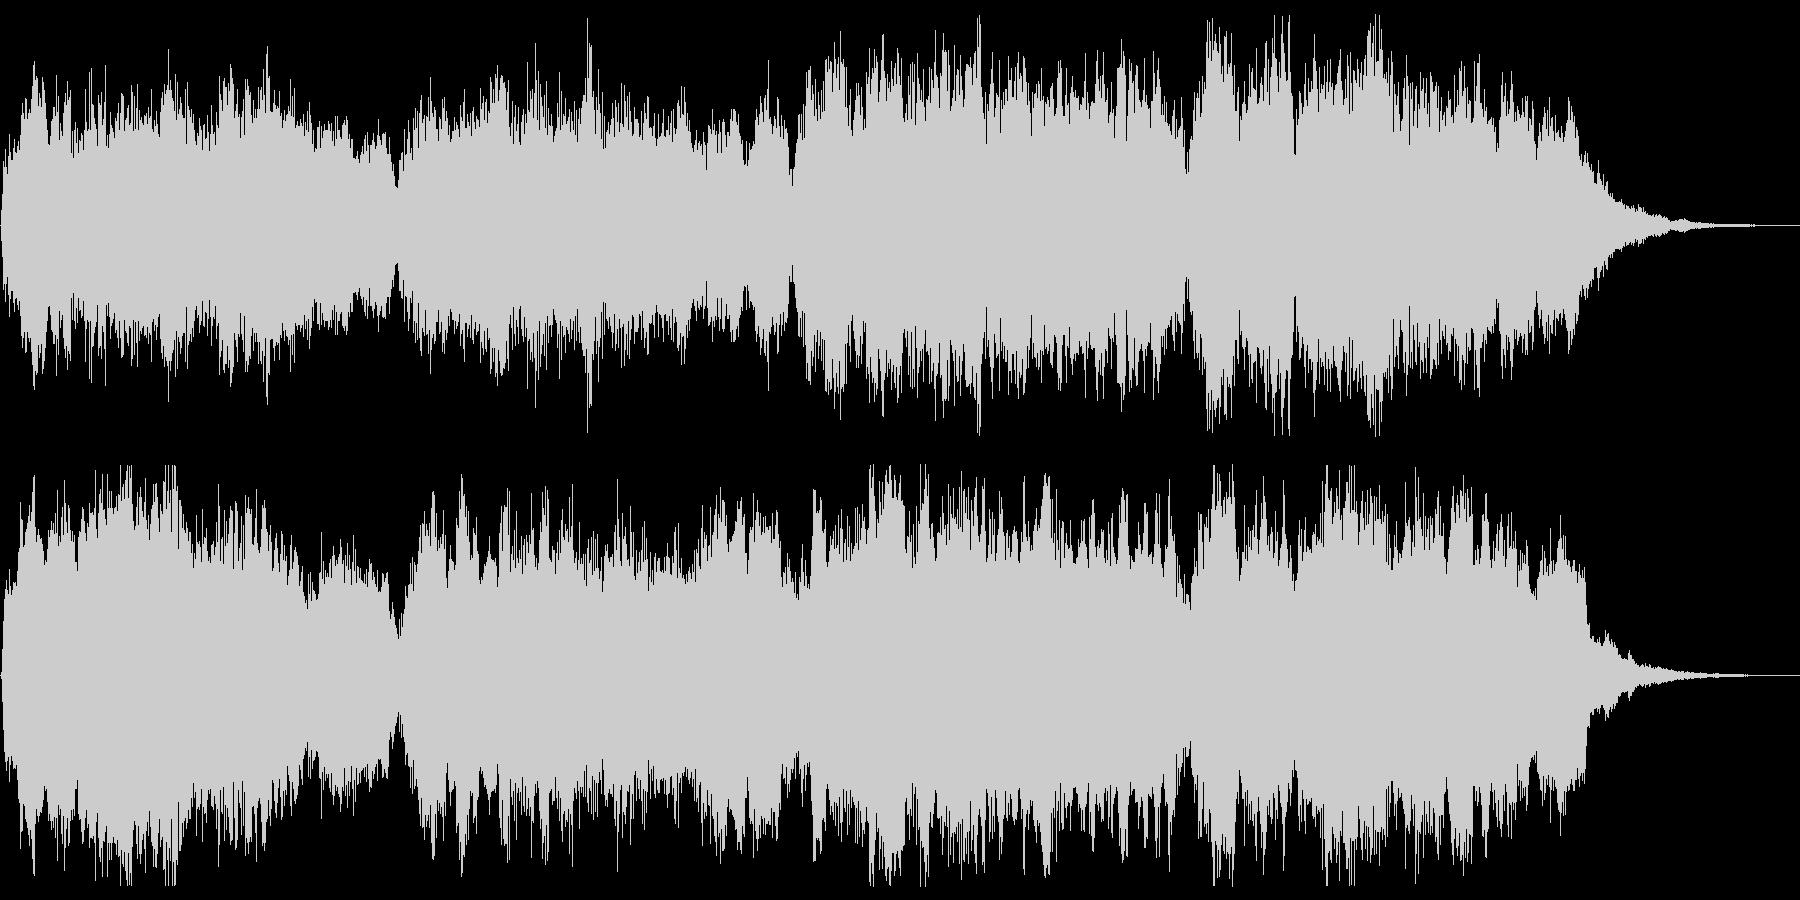 幻想的なオーケストラ 30秒イントロの未再生の波形